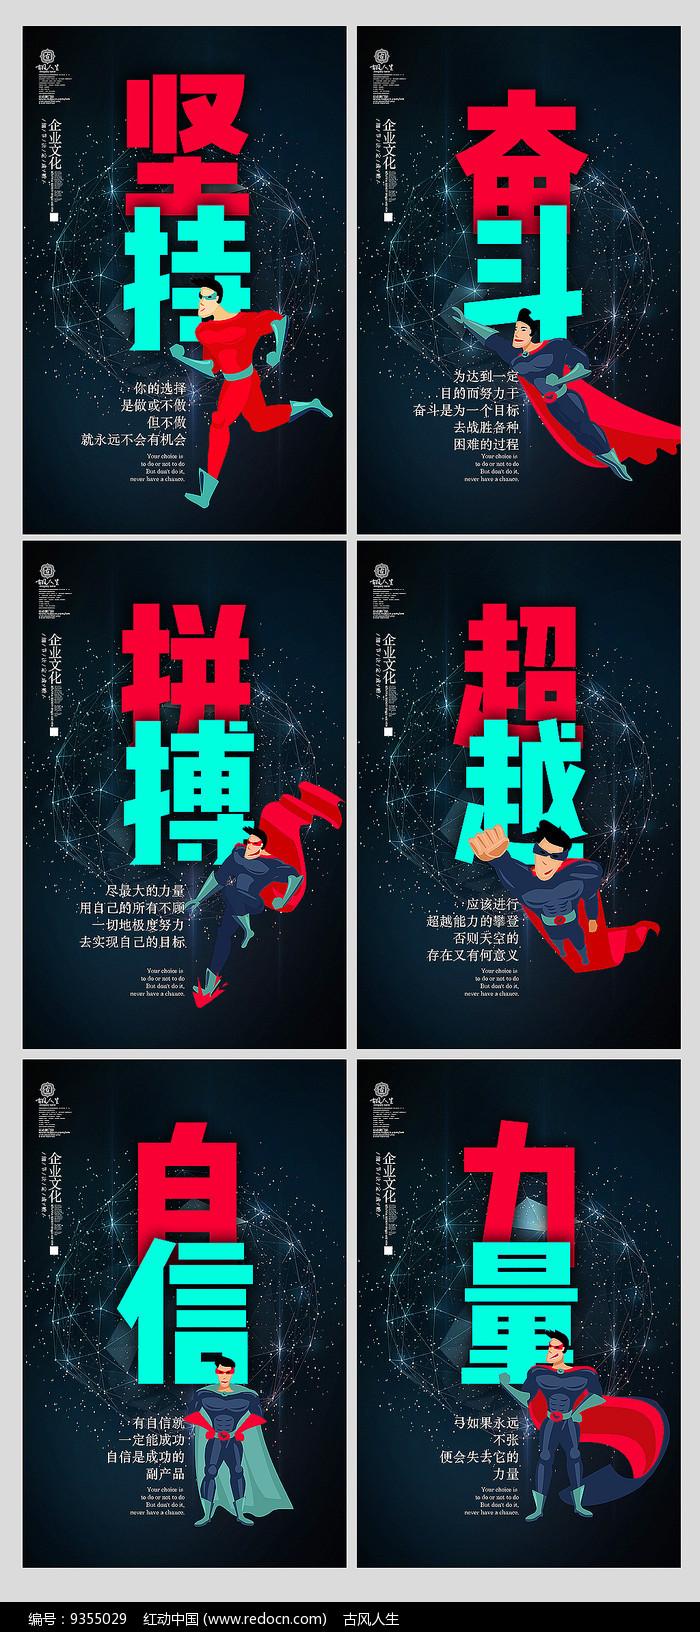 创意时尚企业文化展板图片